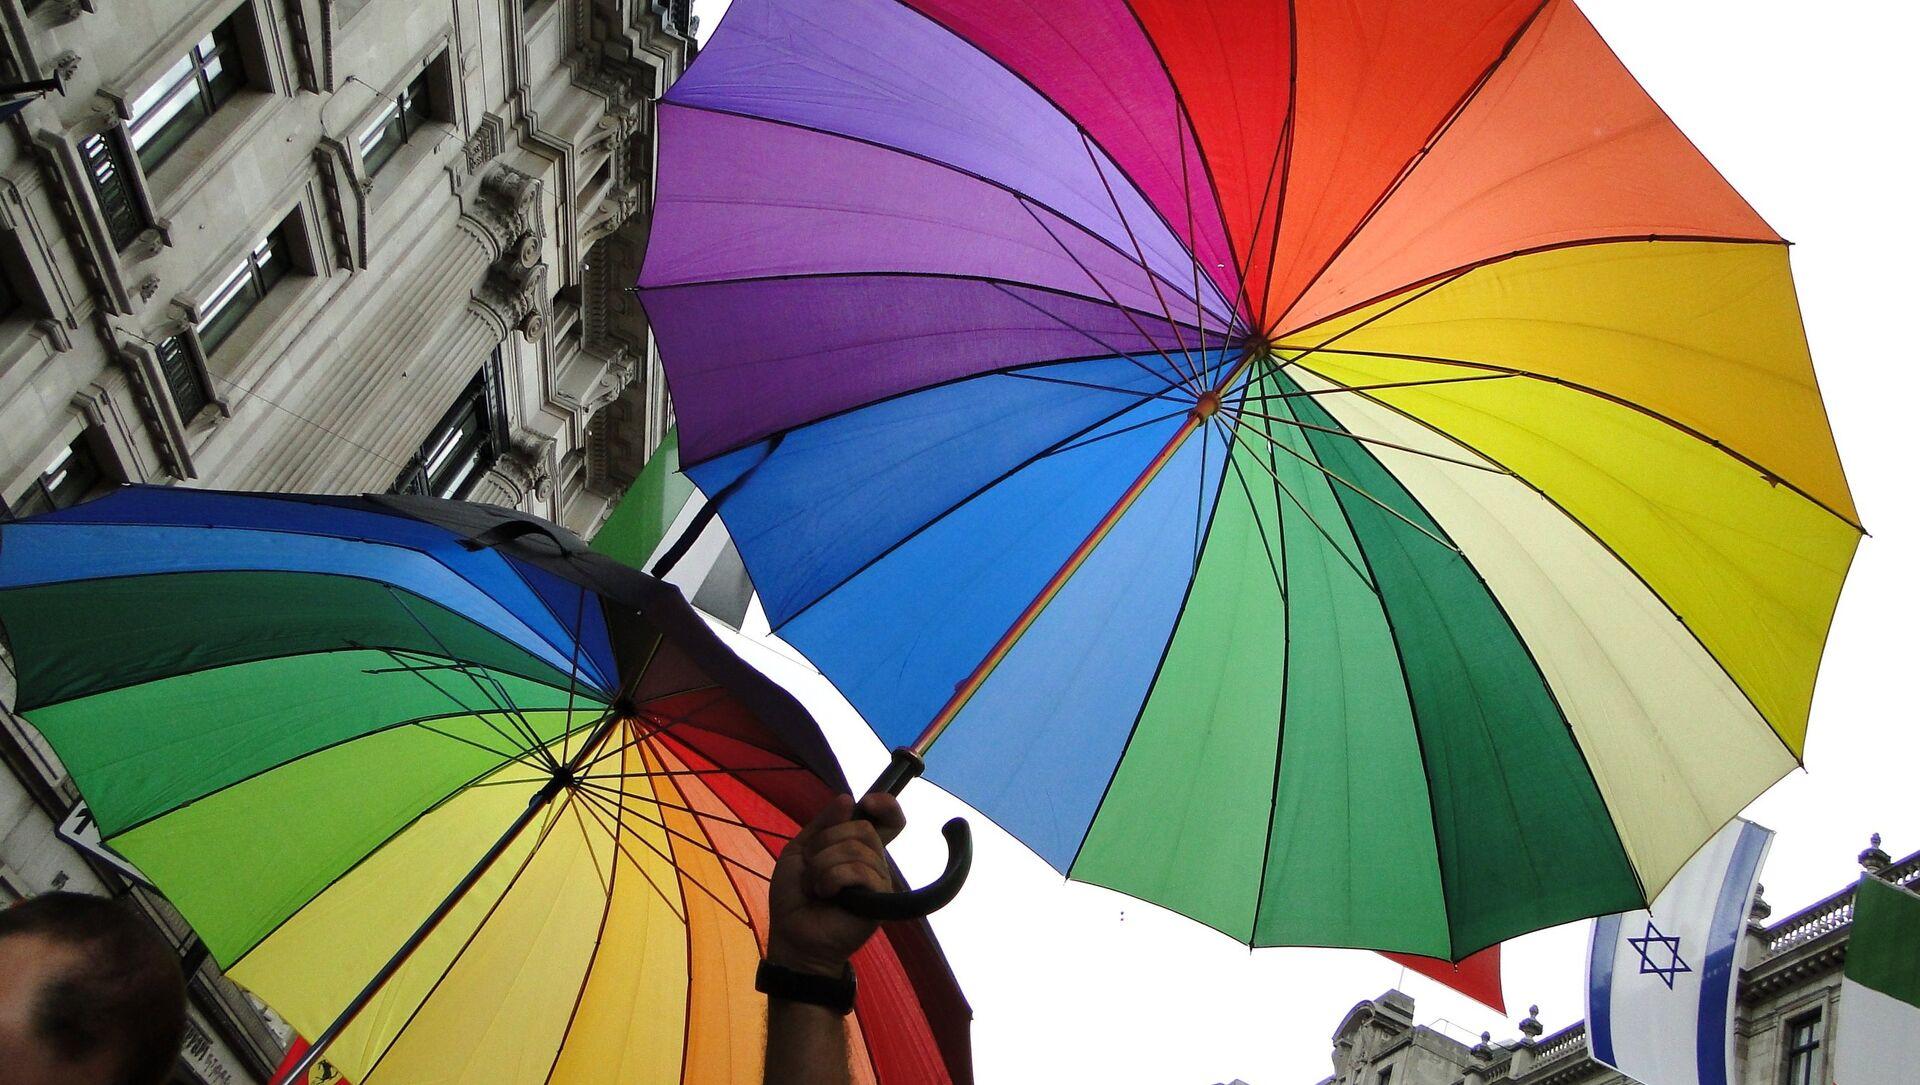 LGBTのパレード(アーカイブ写真) - Sputnik 日本, 1920, 20.06.2021